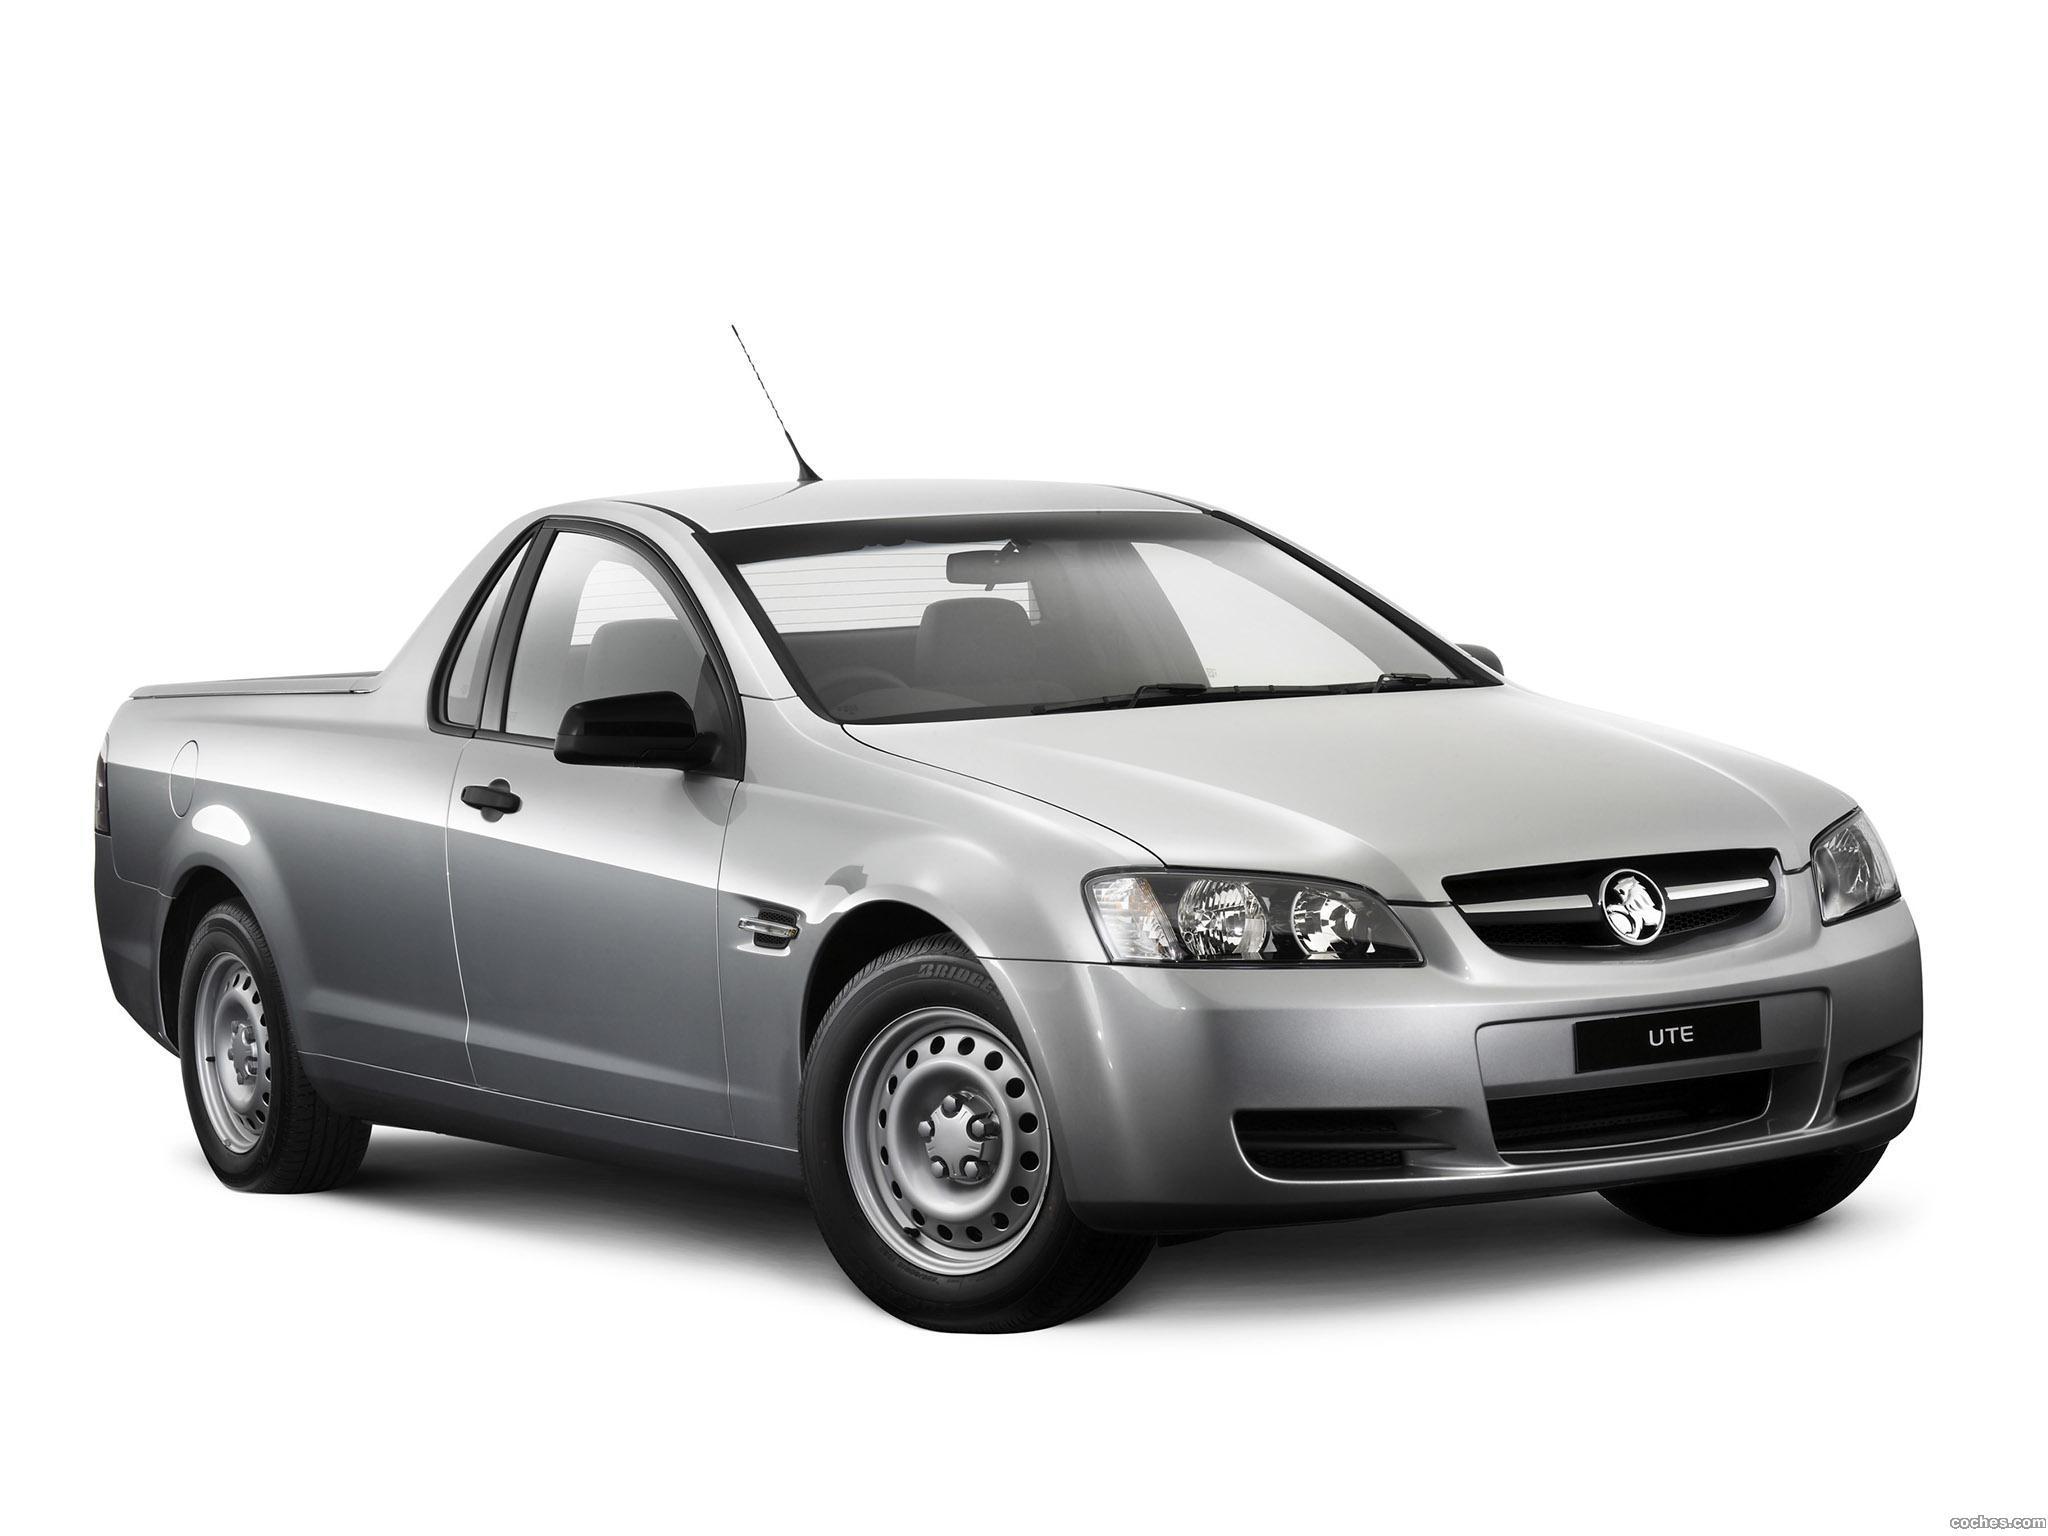 Foto 0 de Holden Ute LPG 2007